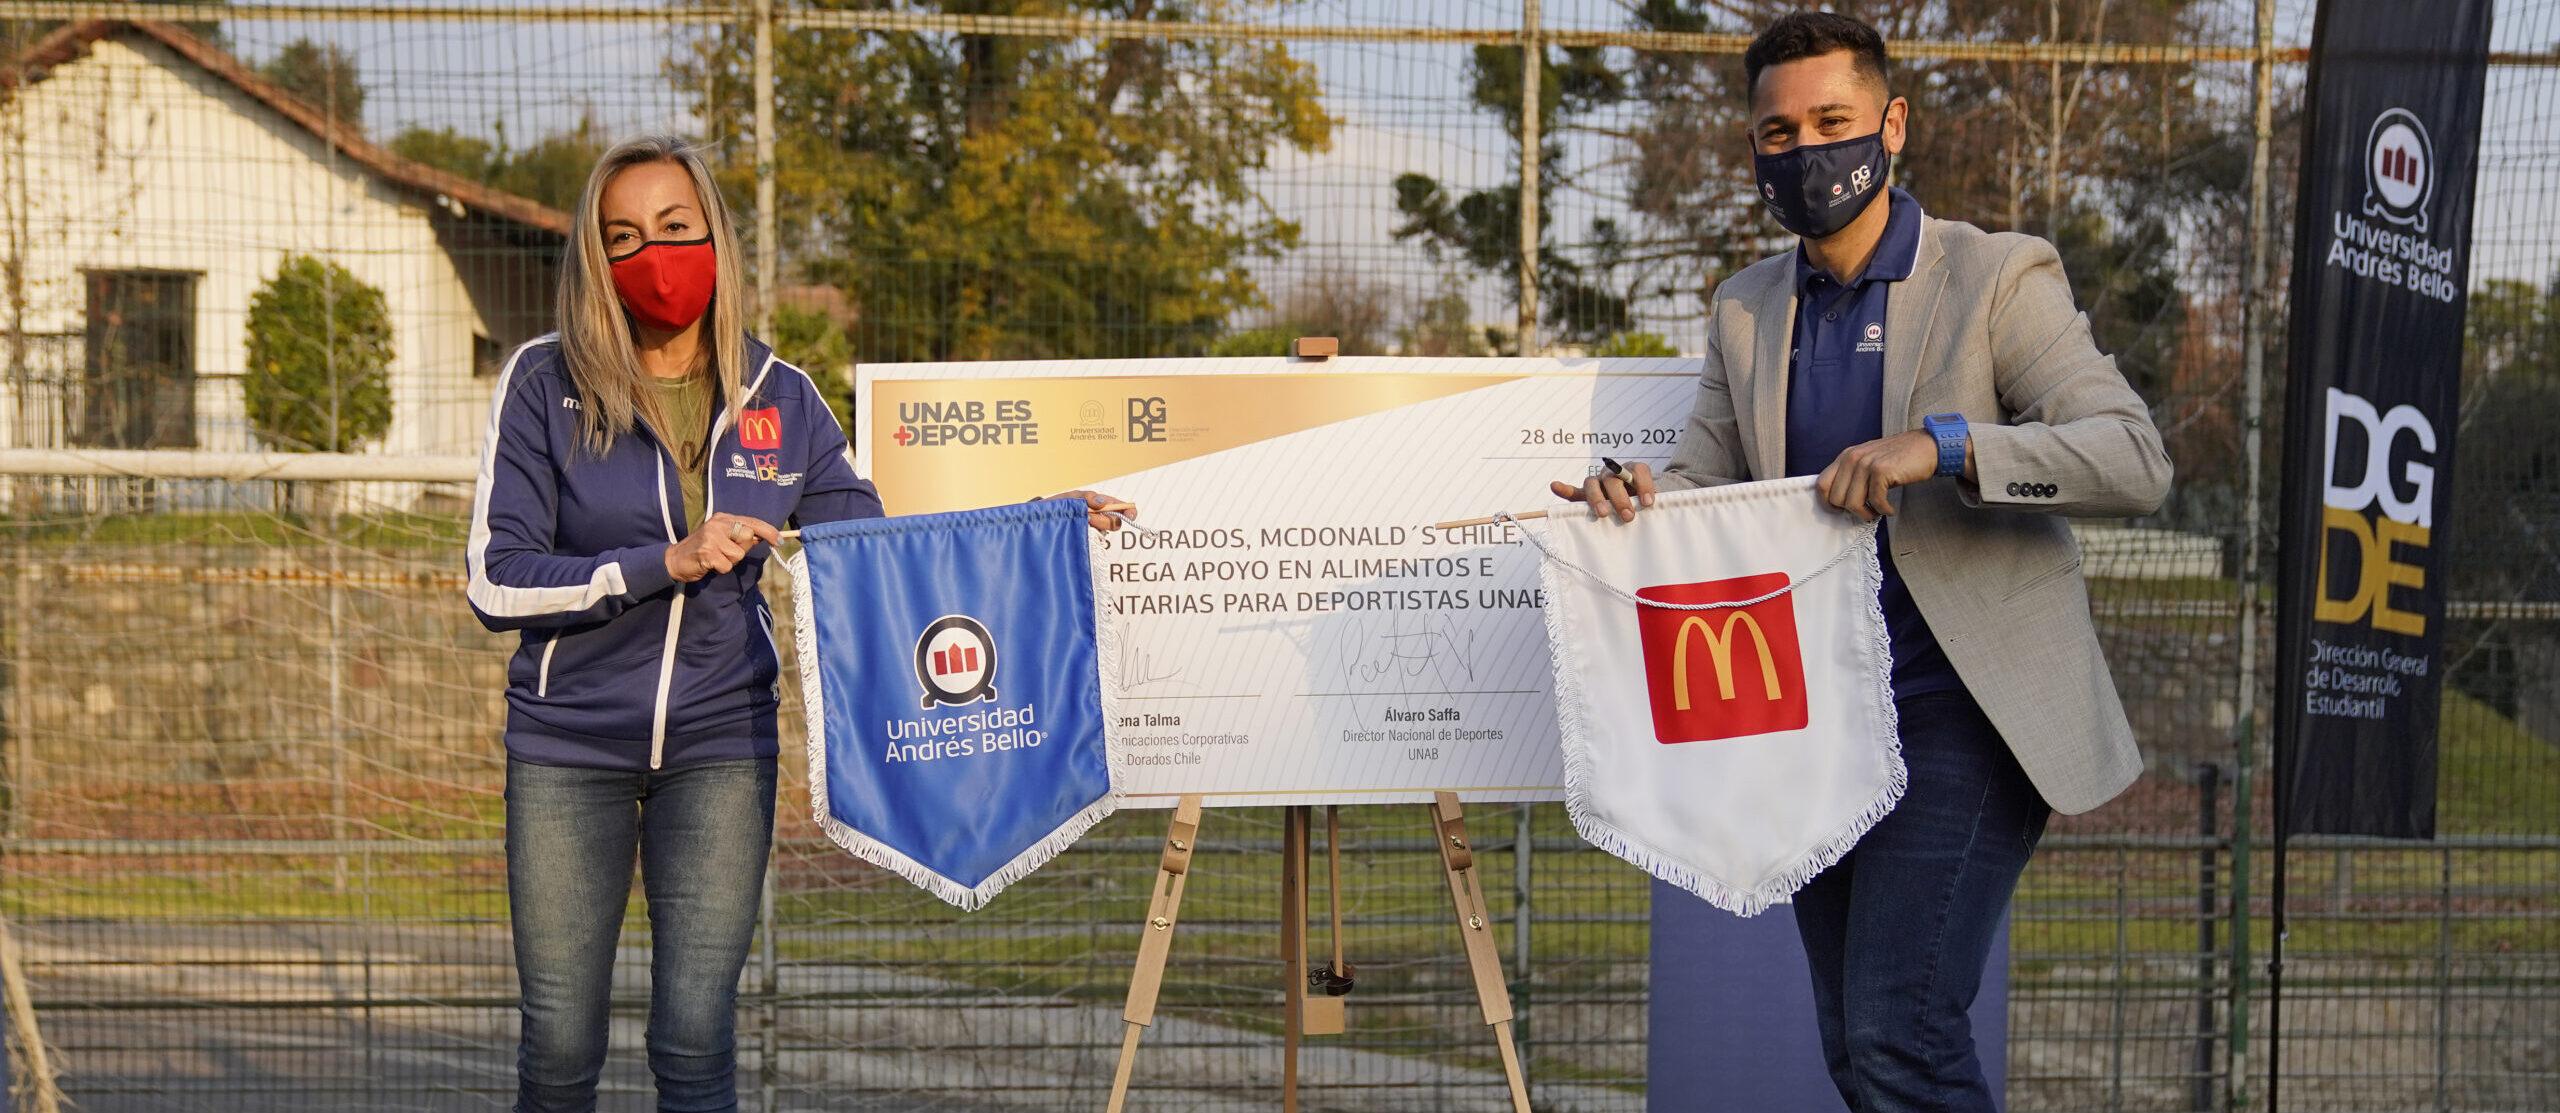 [Chile] Universidad Andrés Bello (UNAB) presenta a Arcos Dorados Chile como el nuevo socio de su proyecto deportivo a nivel país